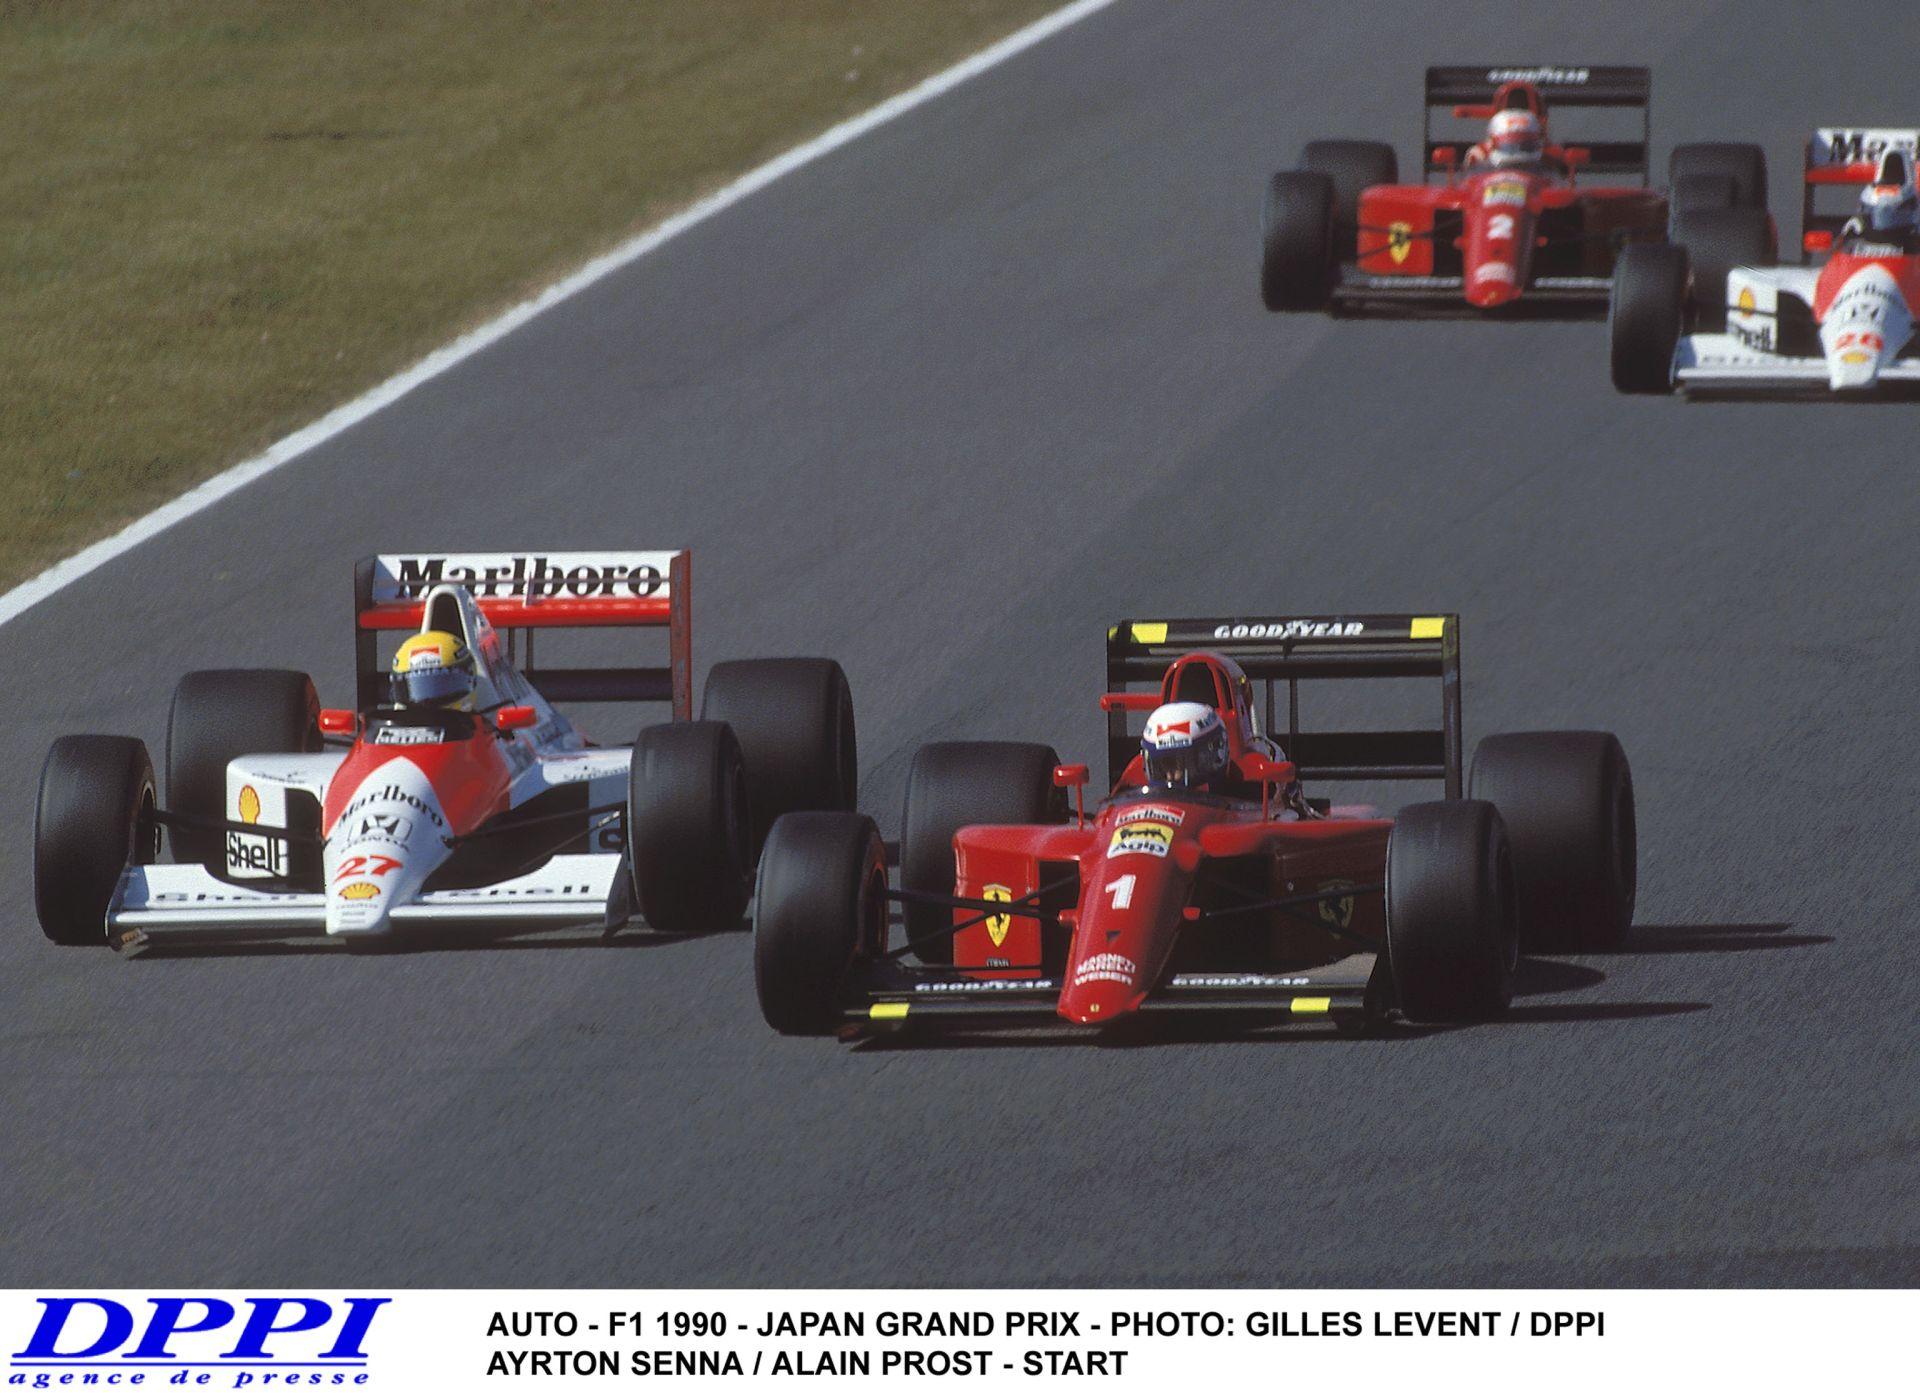 Egy felejthetetlen nap a Forma-1-ben: Senna 1990-ben ezen a napon lett kétszeres bajnok! De hogy?!